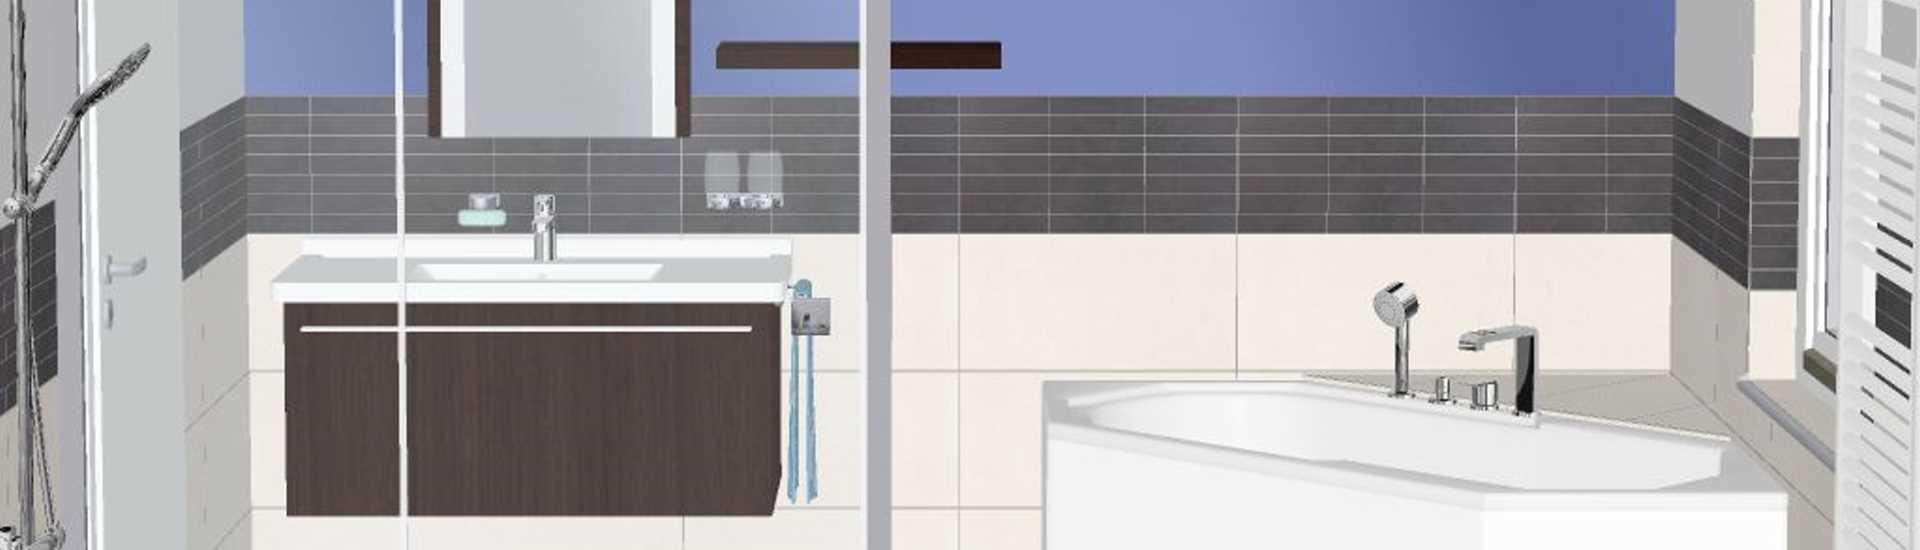 3D Badplanung - Planungsbeispiel von Belz Haustechnik - Badplanung und Badsanierung Edewecht